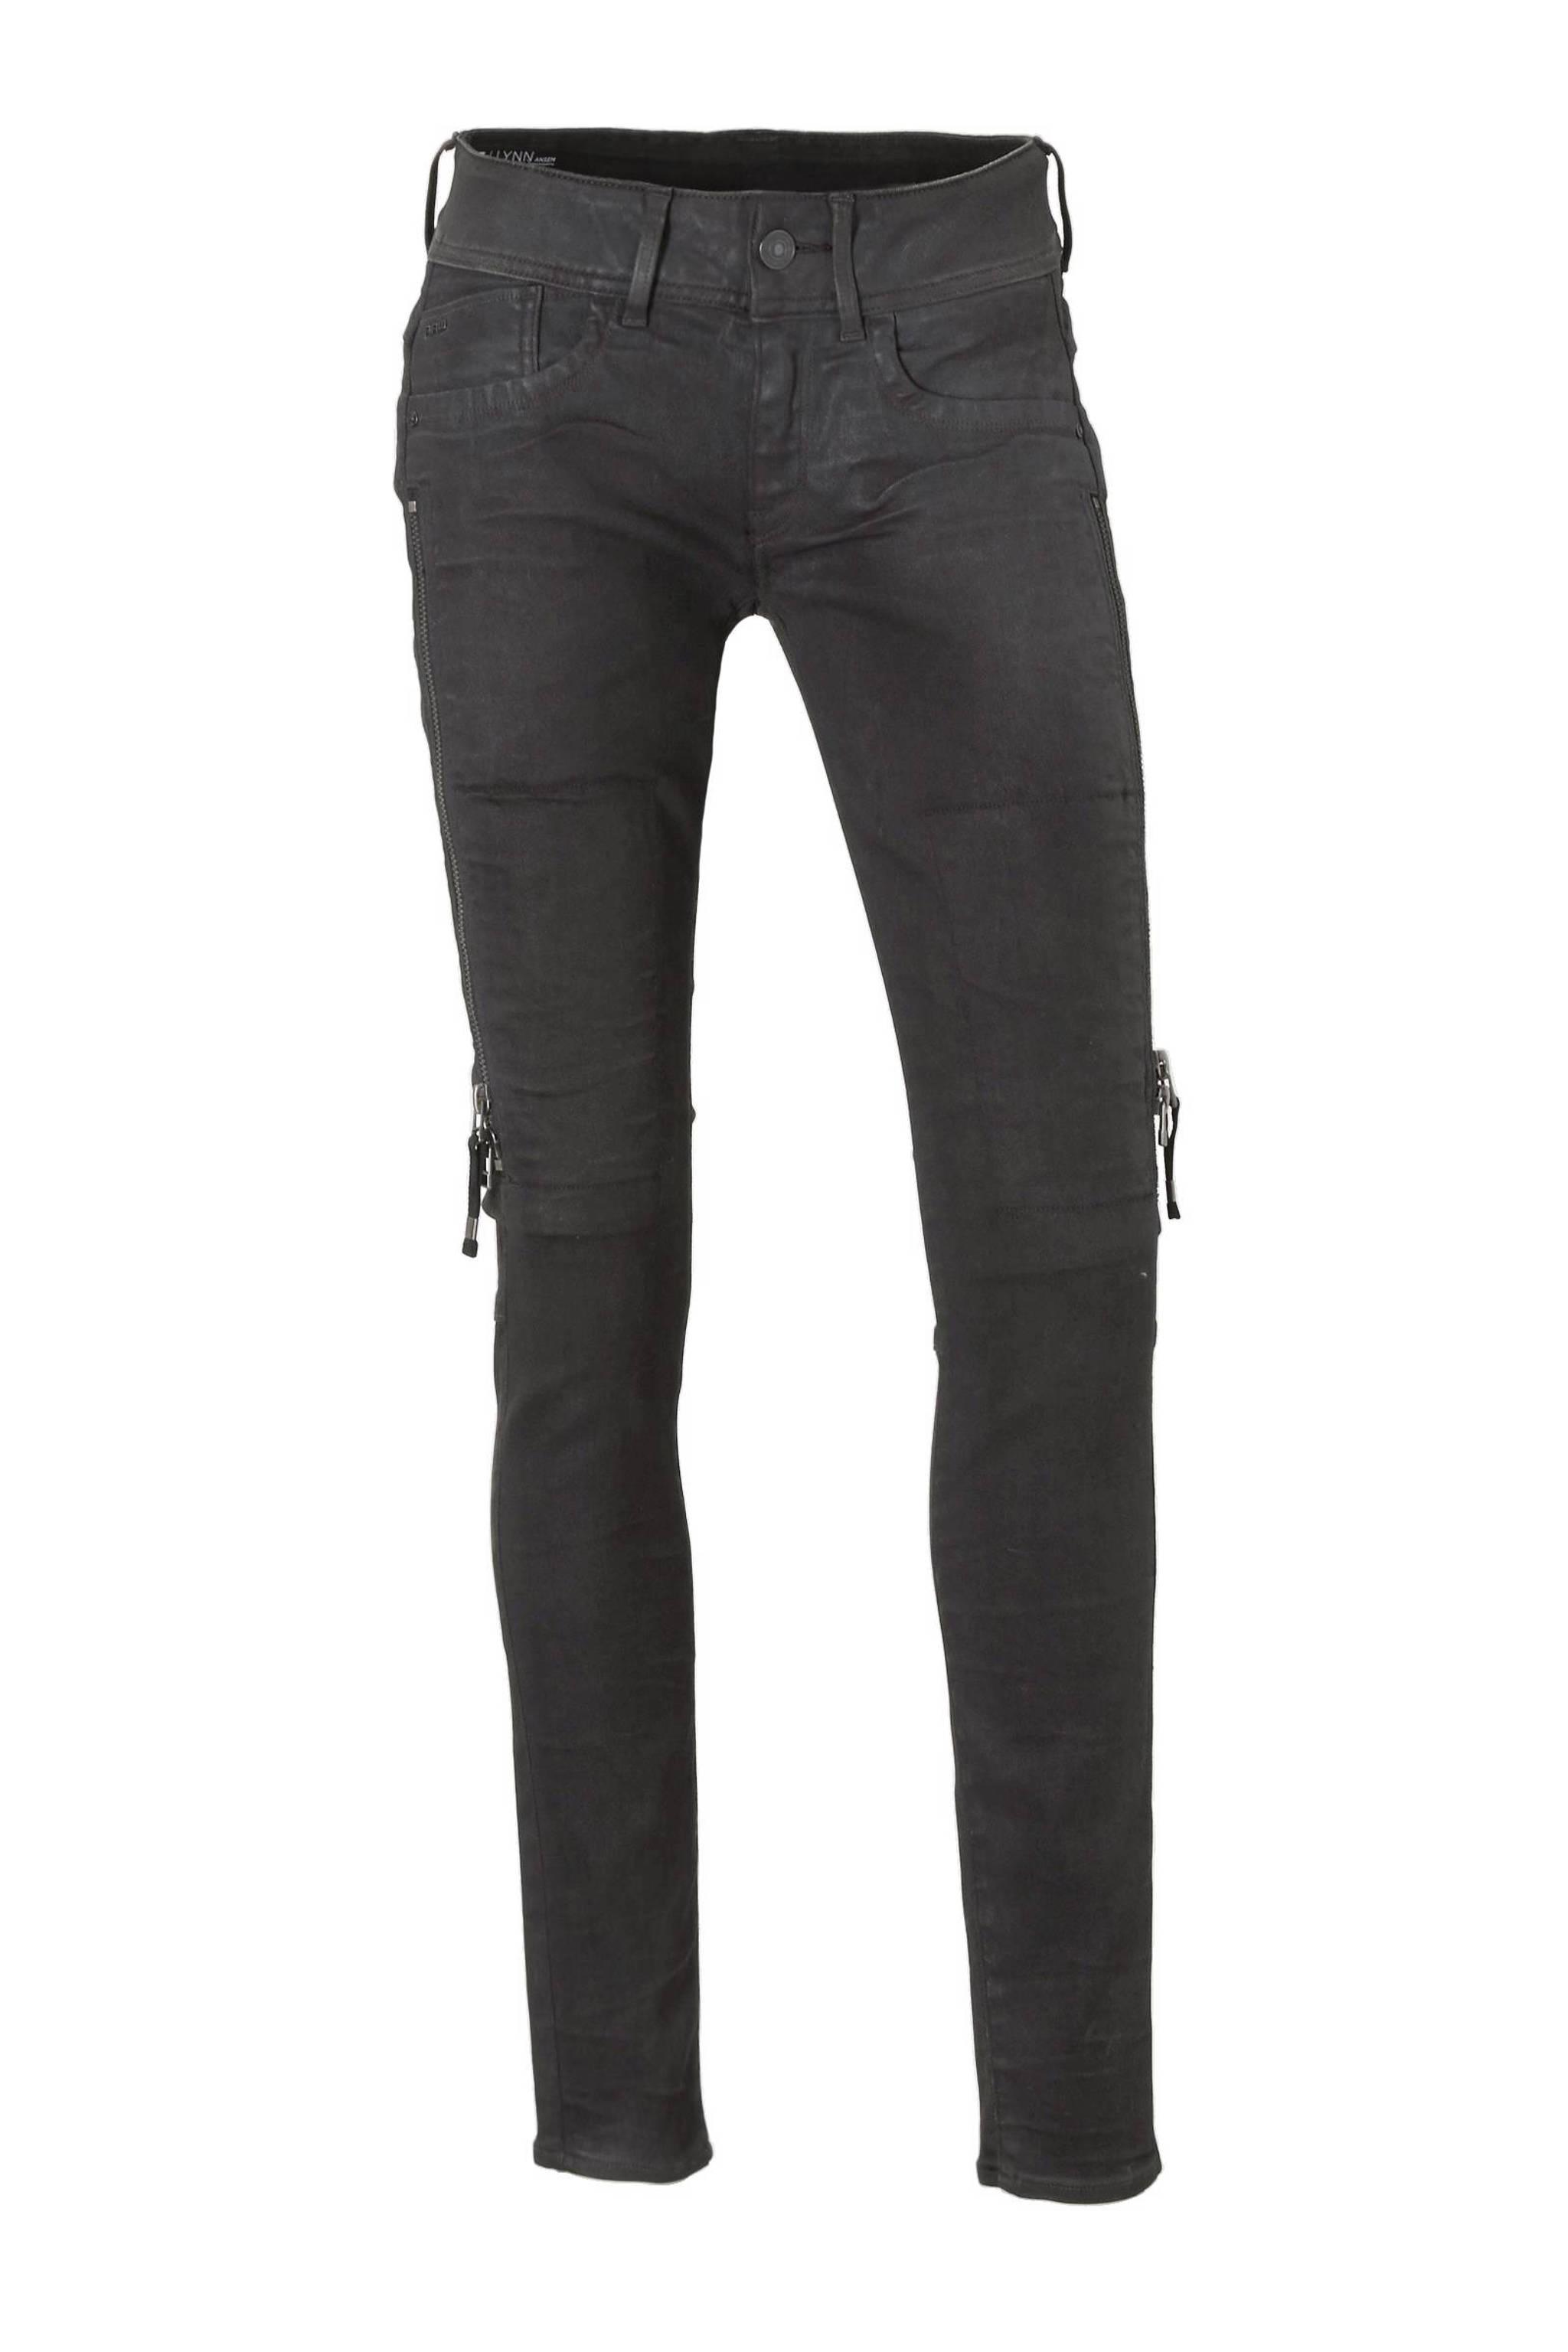 0a00aaebb8e G-Star RAW Lynn Ansem Mid Skinny jeans